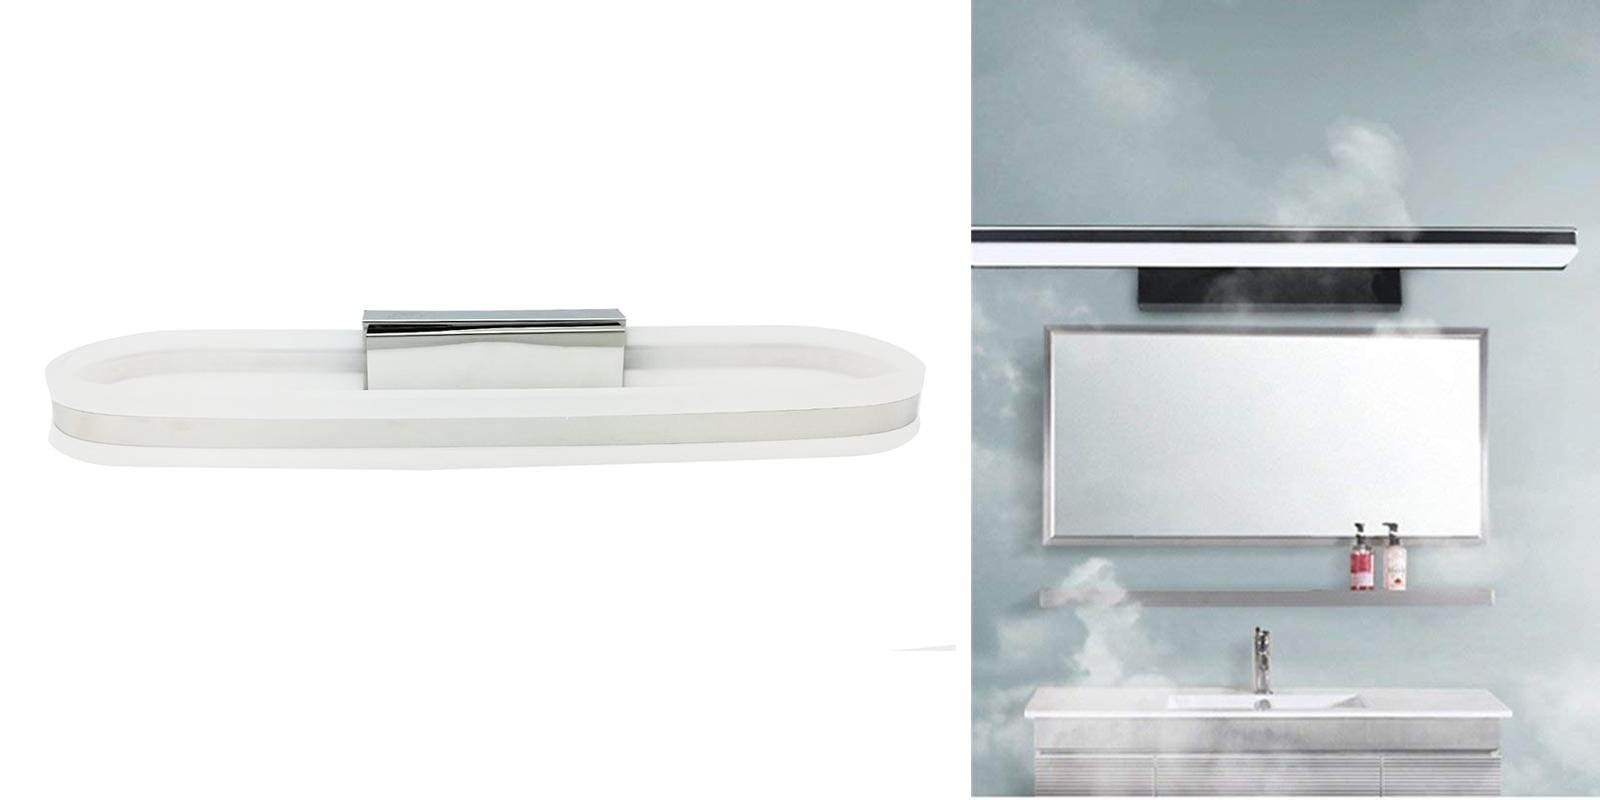 Applique Specchio Bagno Moderno dettagli su applique led lampada specchio moderno casa 10w luce calda  naturale fredda dr